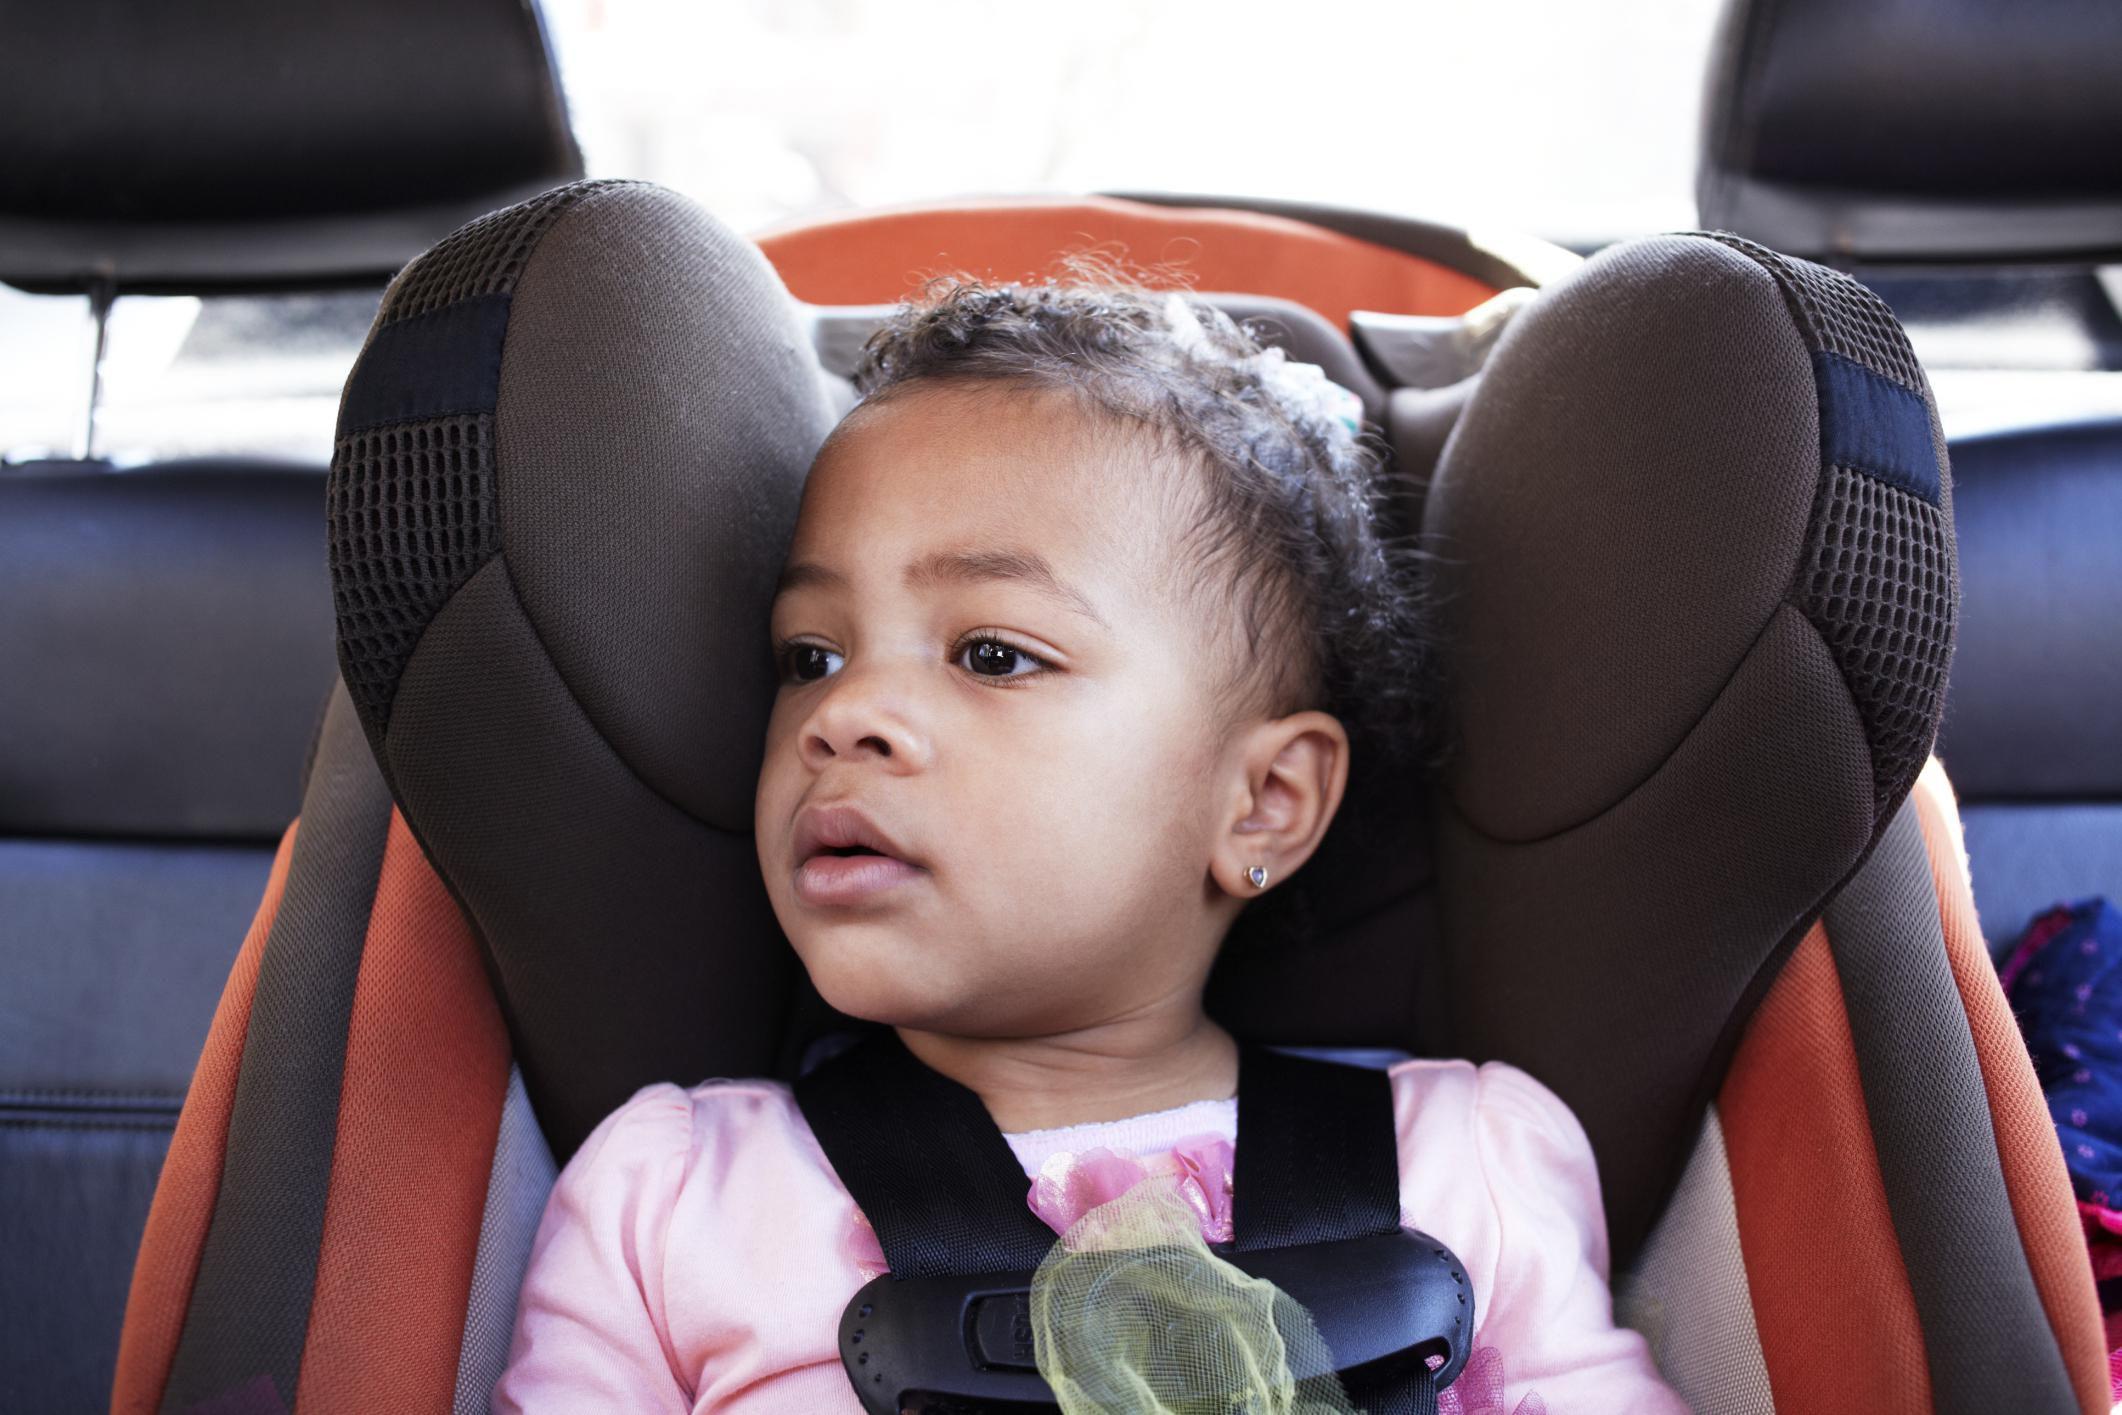 recaro child safety llc